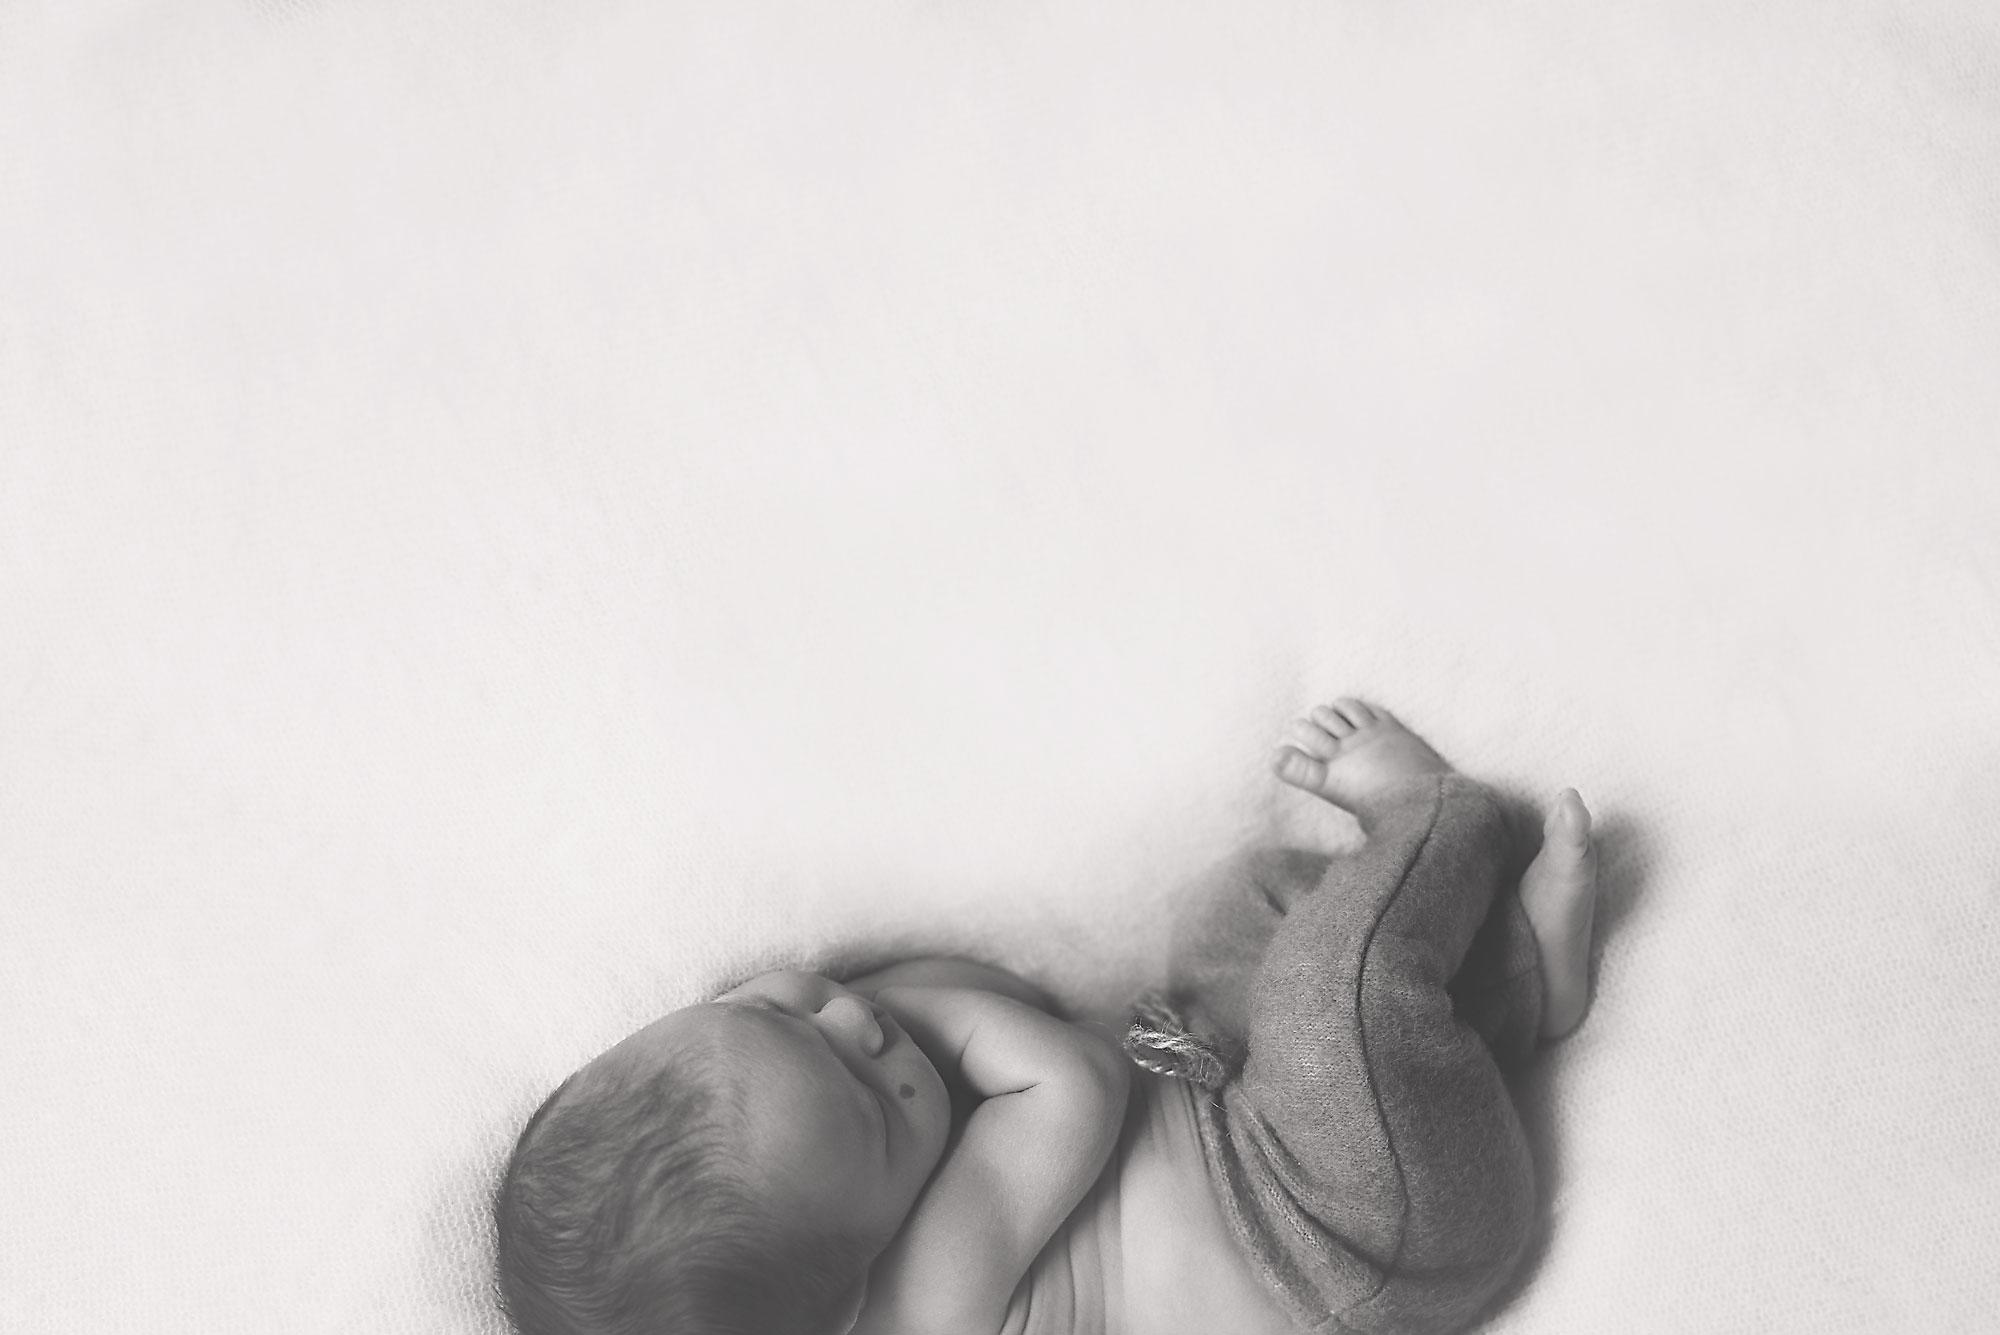 Ruben-John-Hartley-117-copyb&W.jpg